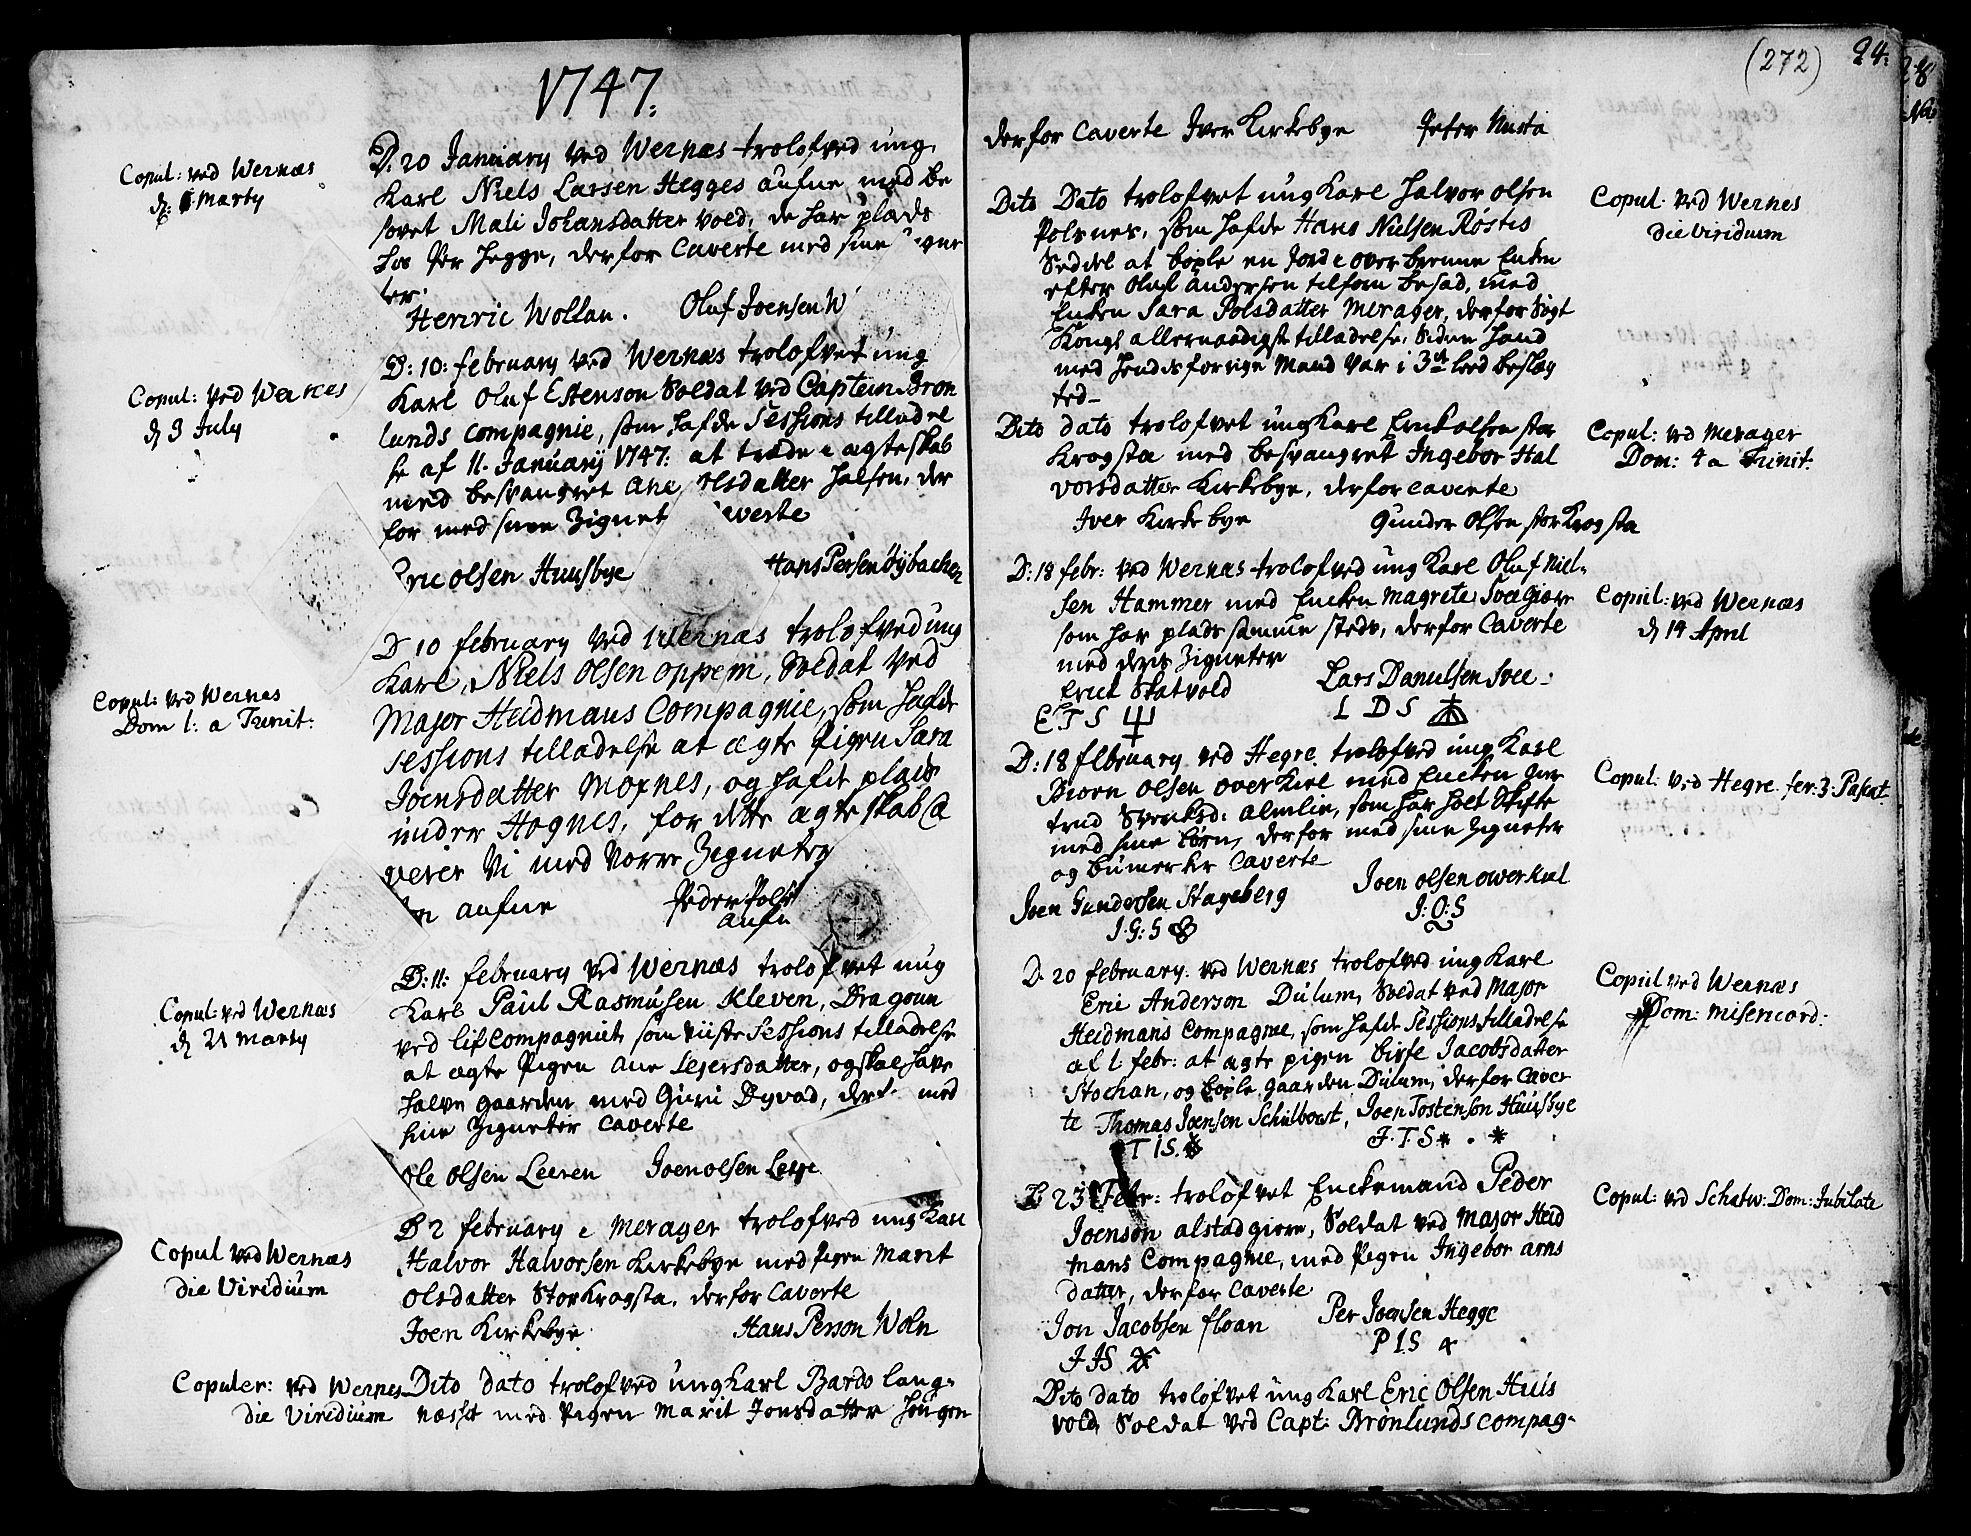 SAT, Ministerialprotokoller, klokkerbøker og fødselsregistre - Nord-Trøndelag, 709/L0056: Ministerialbok nr. 709A04, 1740-1756, s. 272